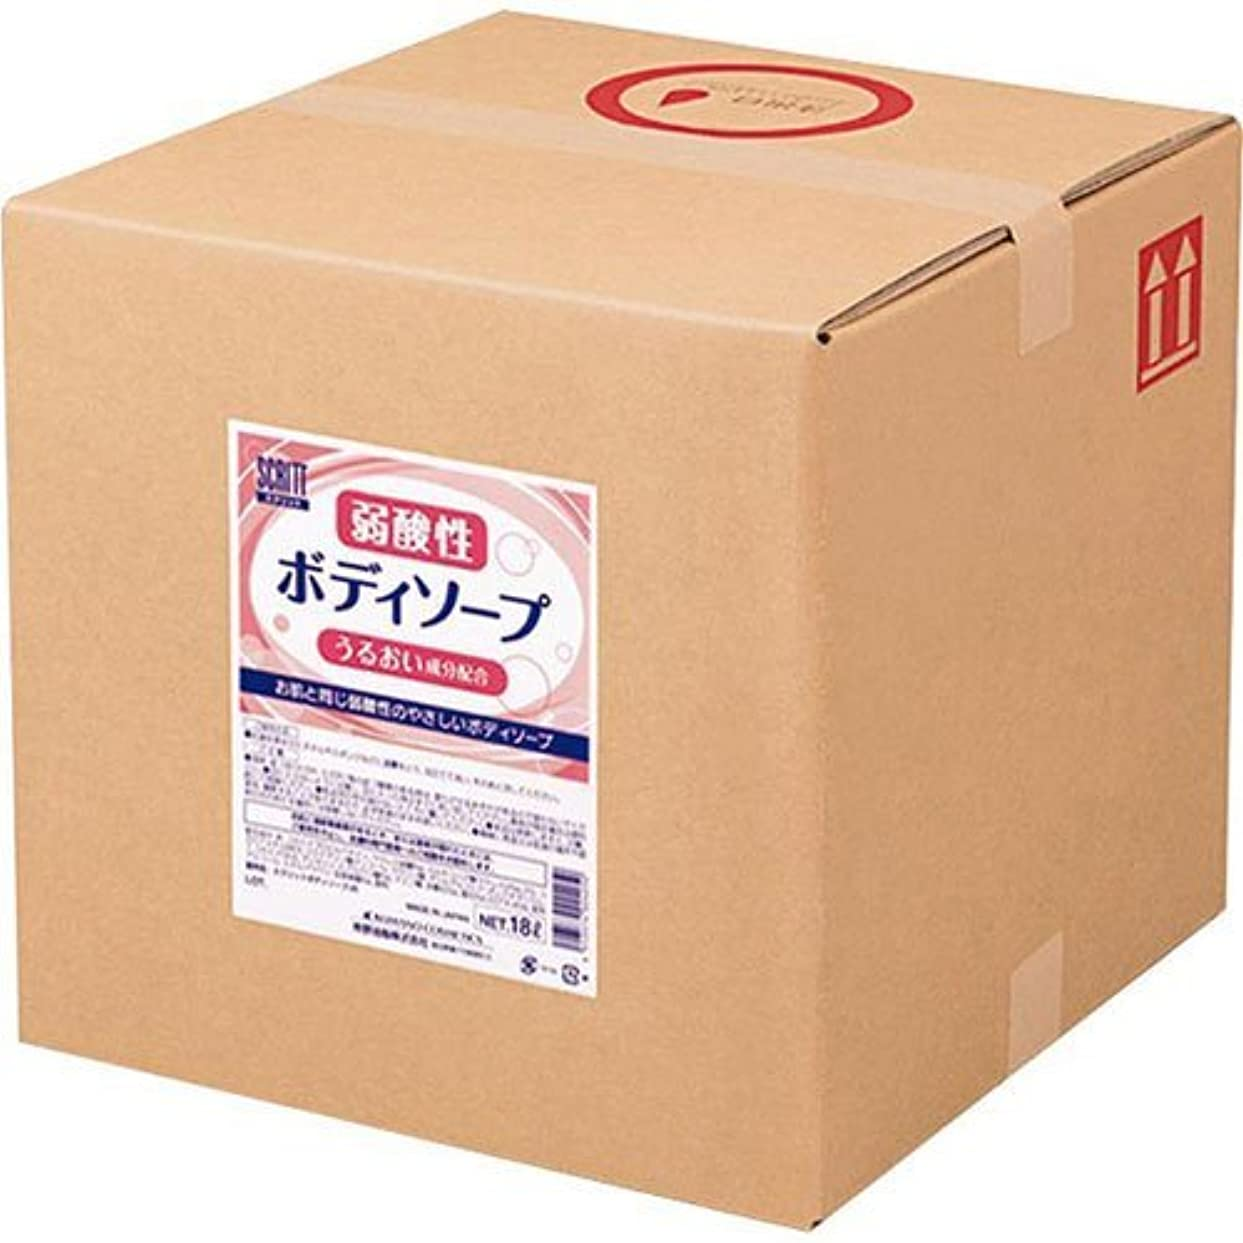 たっぷりストローク模倣熊野油脂 業務用 SCRITT(スクリット) 弱酸性ボディソープ 18L